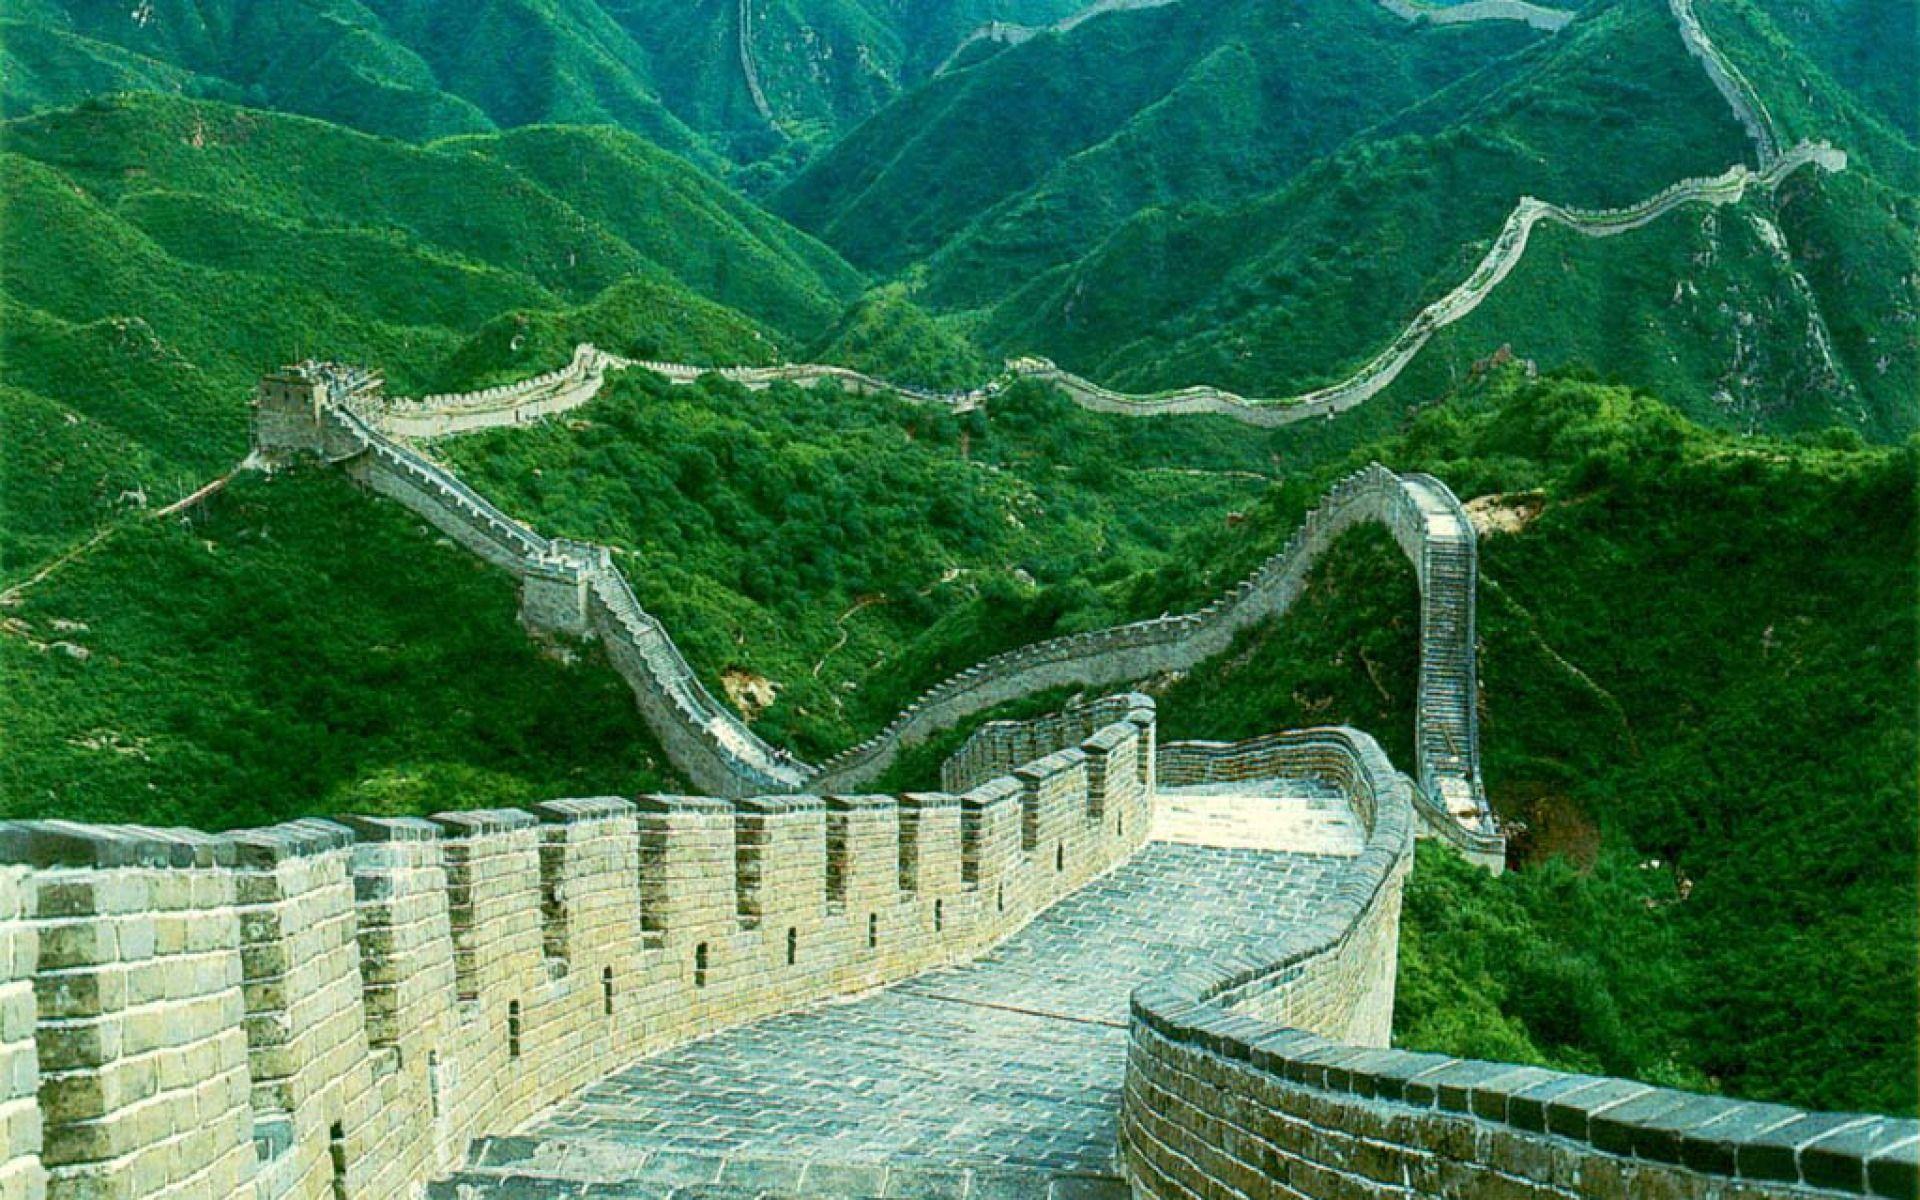 Công trình Vạn Lý Trường Thành, Trung Quốc